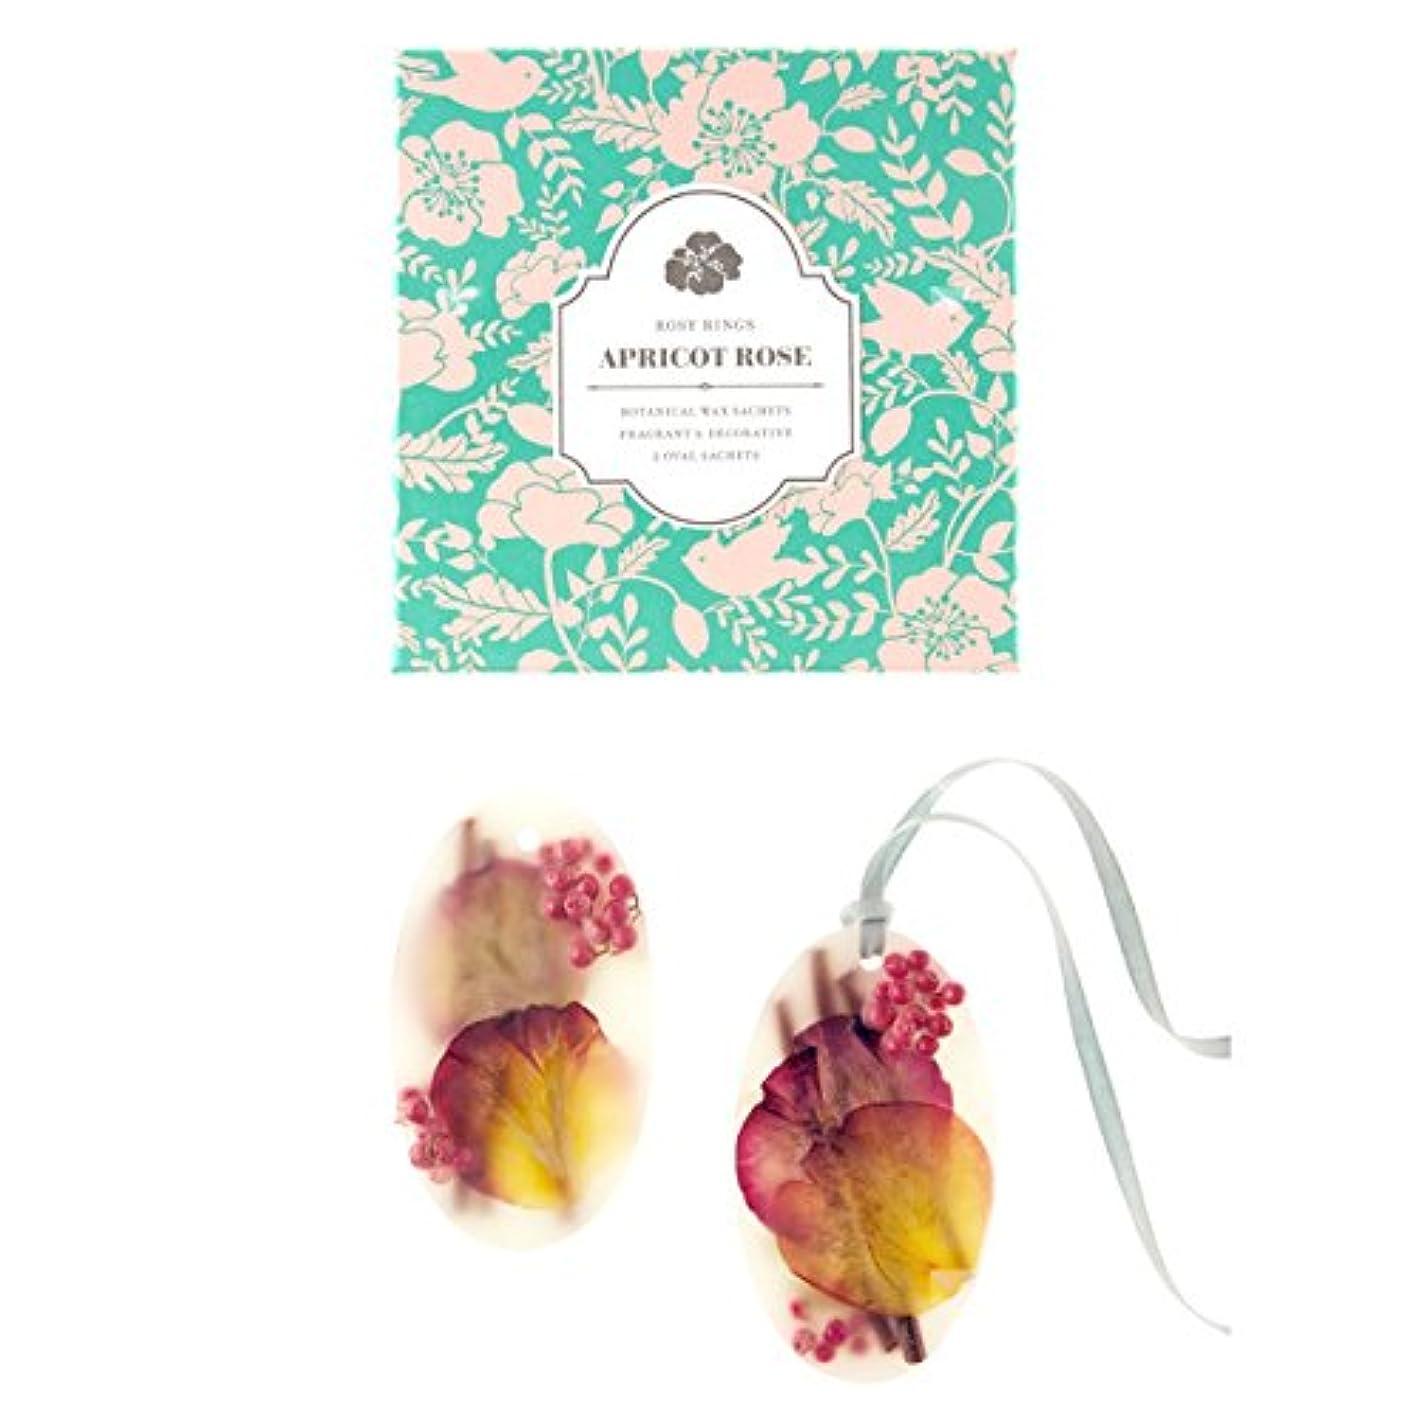 憧れ倍増信頼ロージーリングス ボタニカルワックスサシェ オーバル アプリコット&ローズ ROSY RINGS Signature Collection Botanical Wax Sachets – Apricot Rose